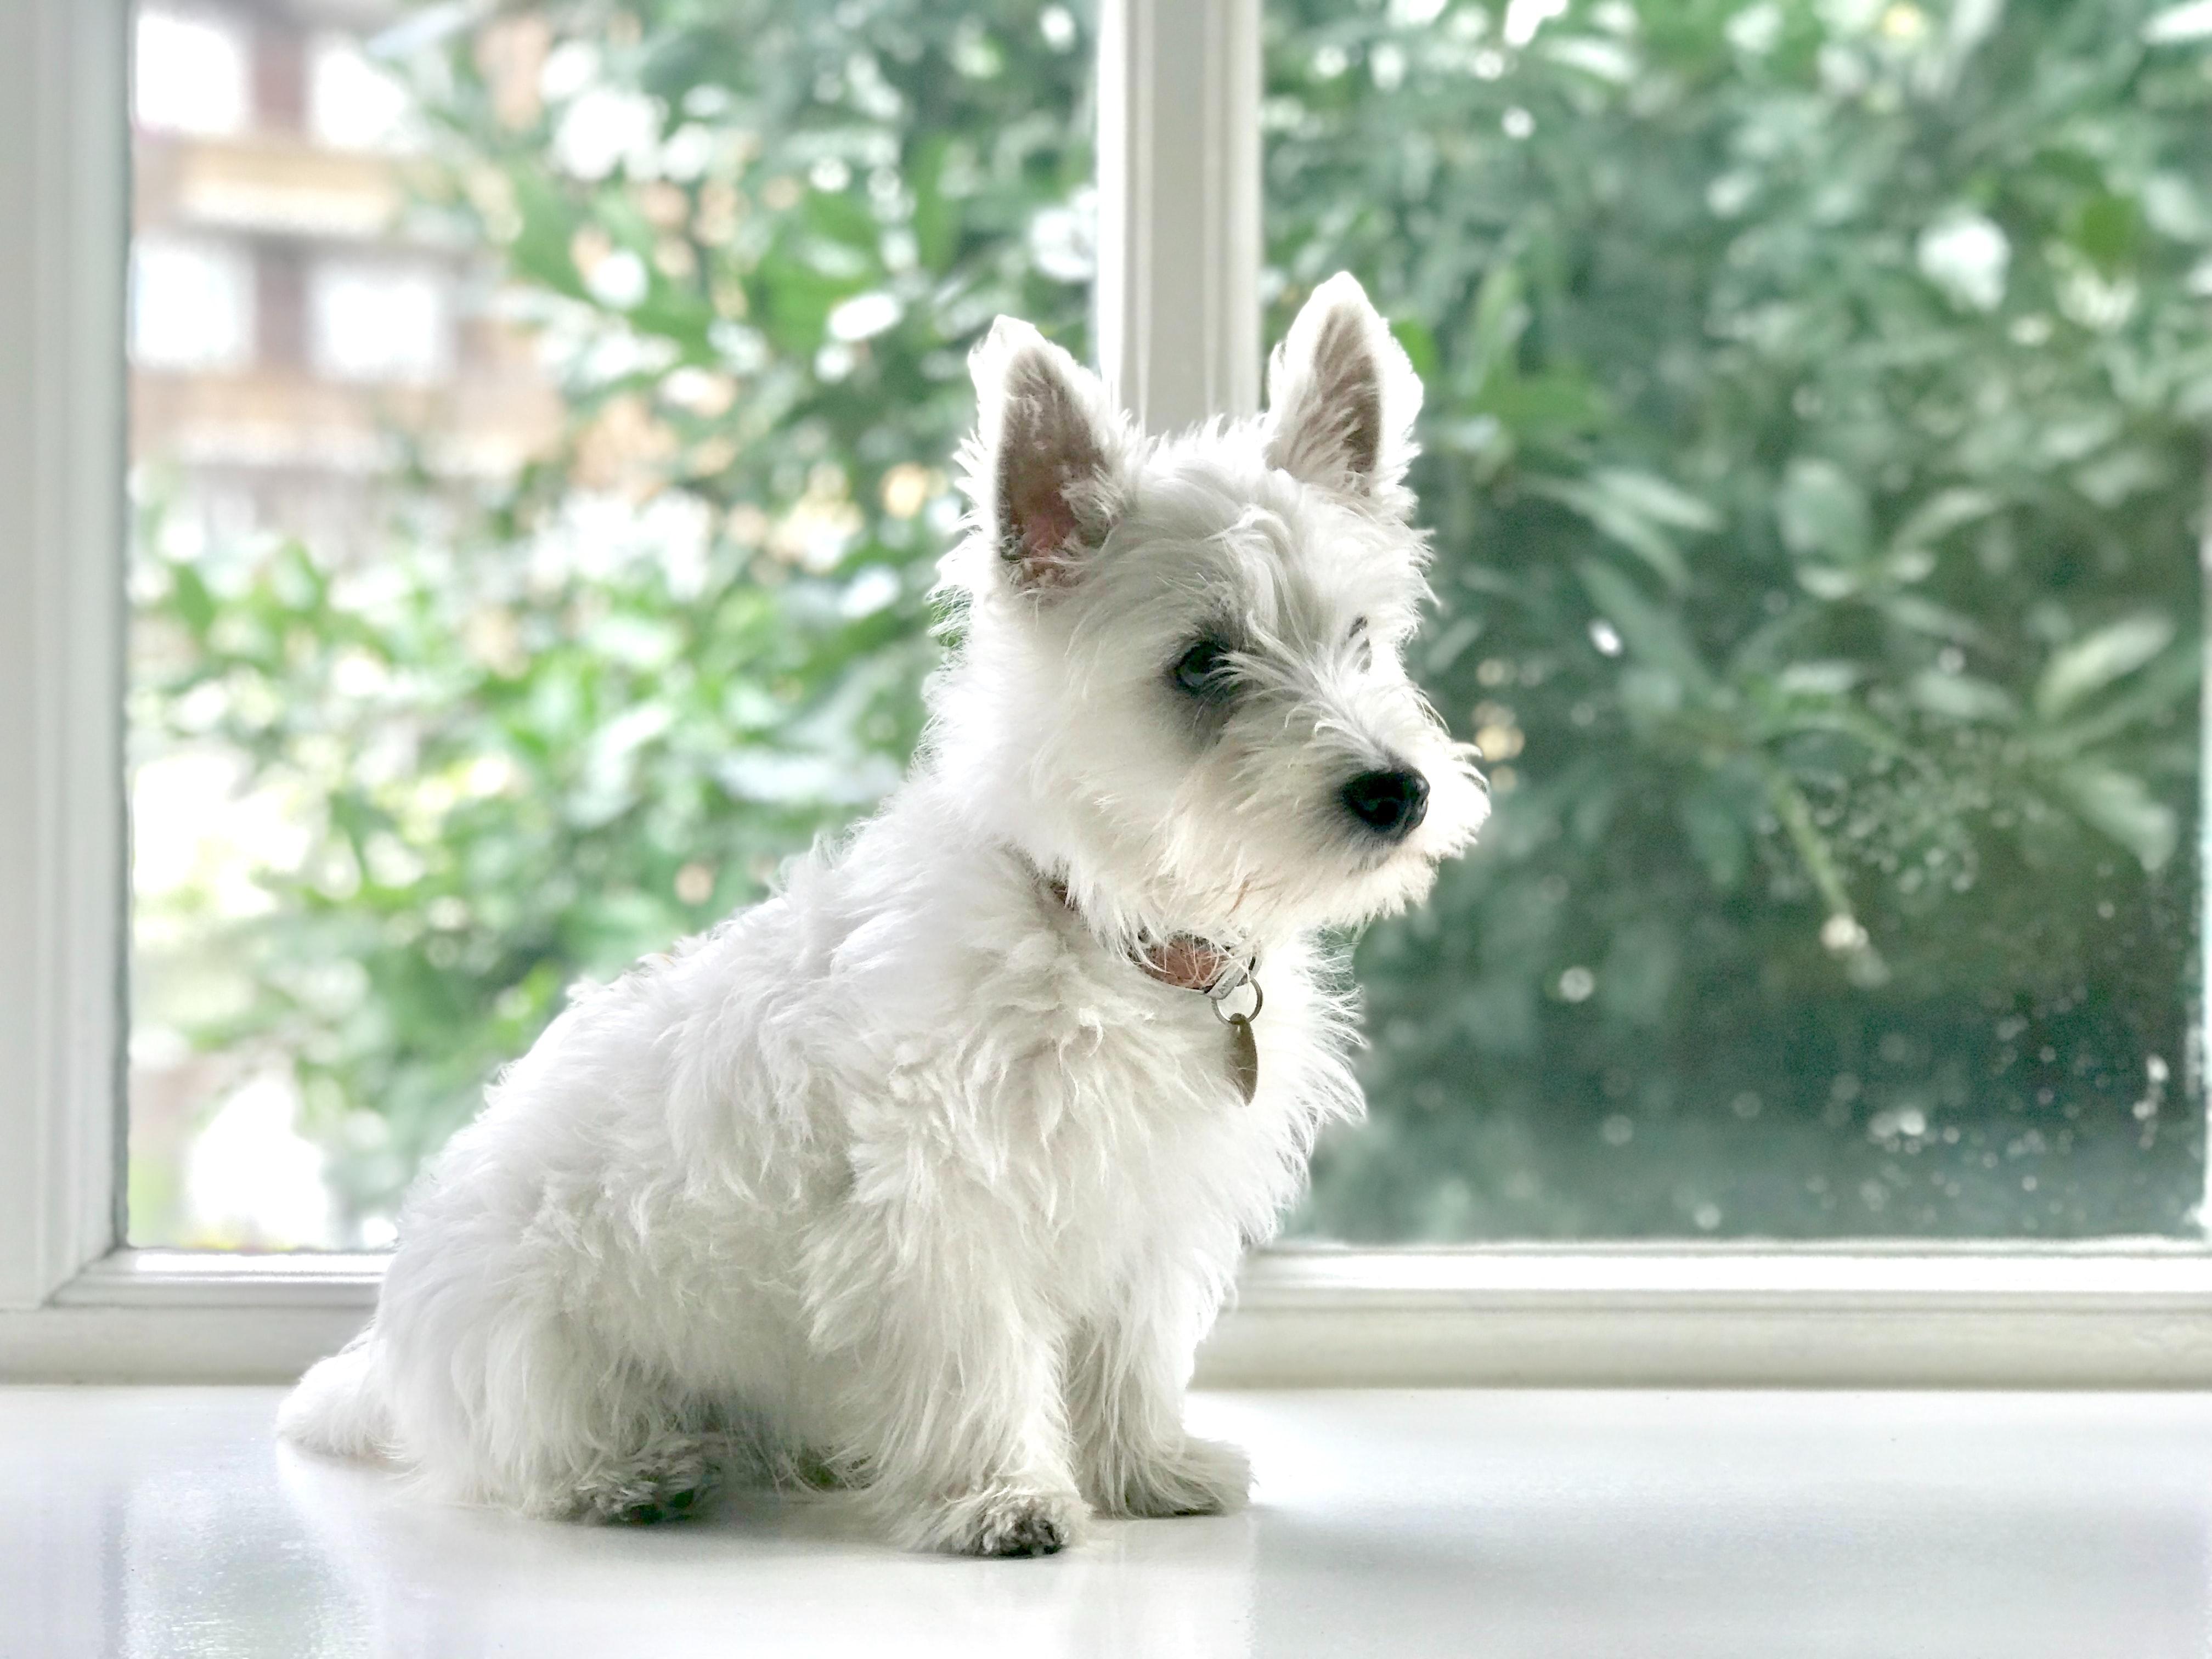 【夢占い】白い犬の夢が意味するものは?どんなメッセージ?